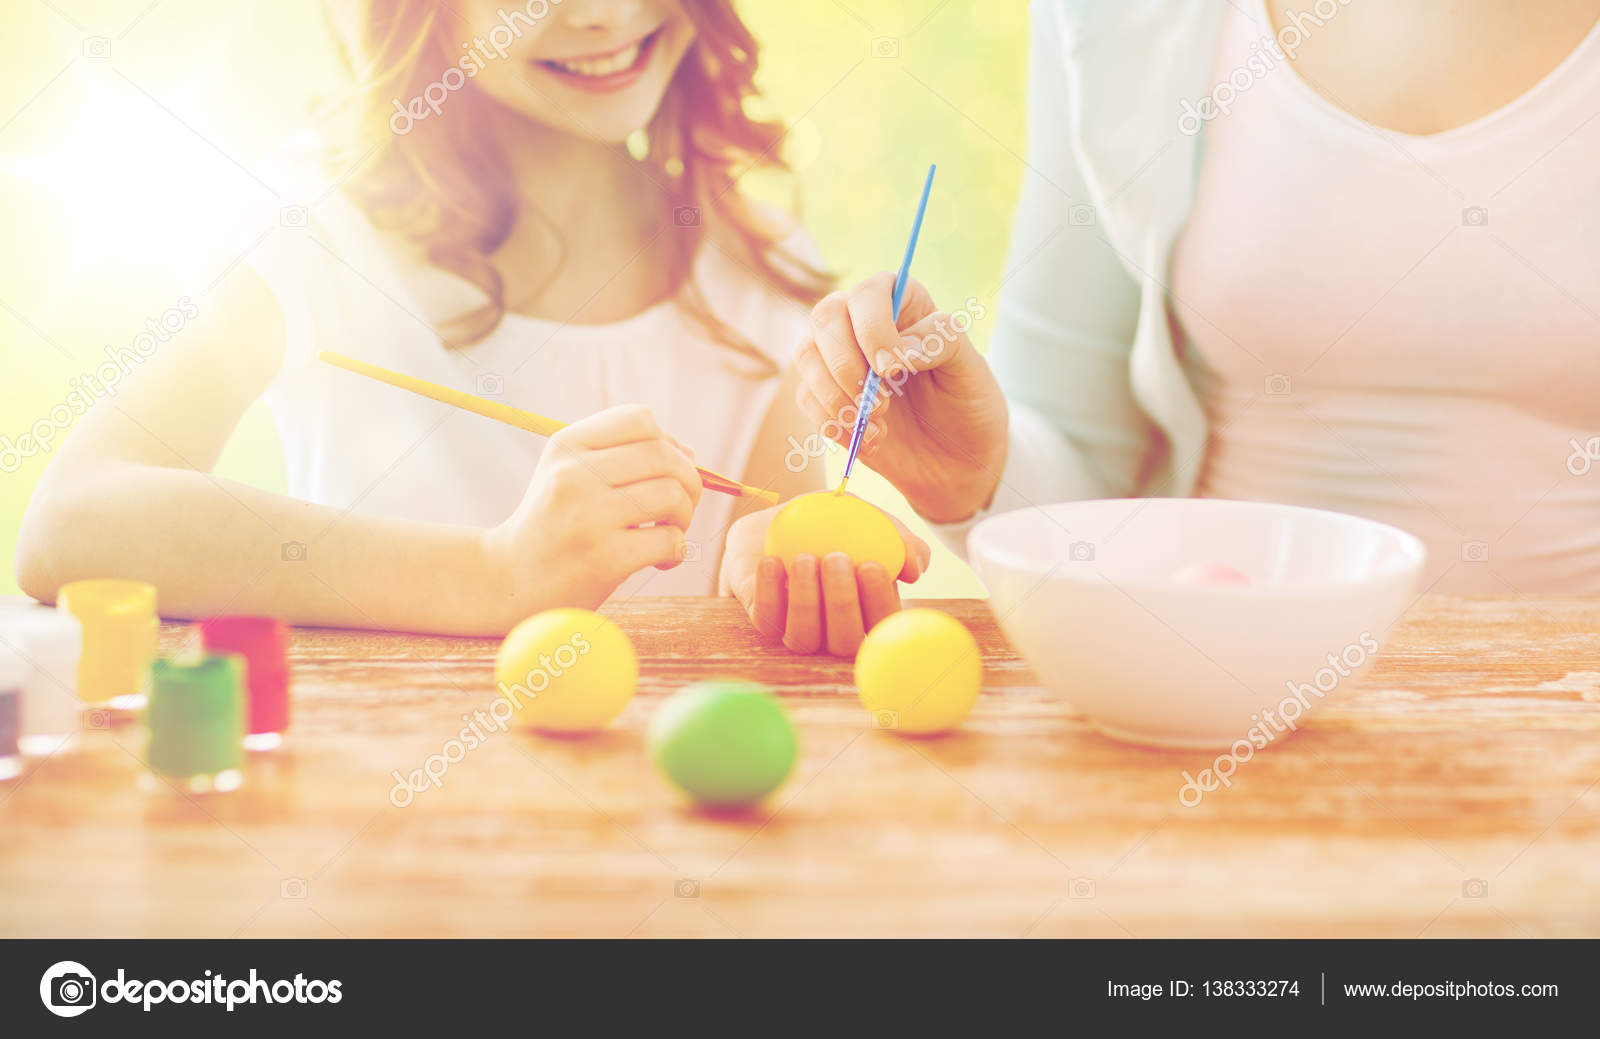 Coloriage Paques Famille.Gros Plan De Famille Coloriage Des Oeufs De Paques Photographie